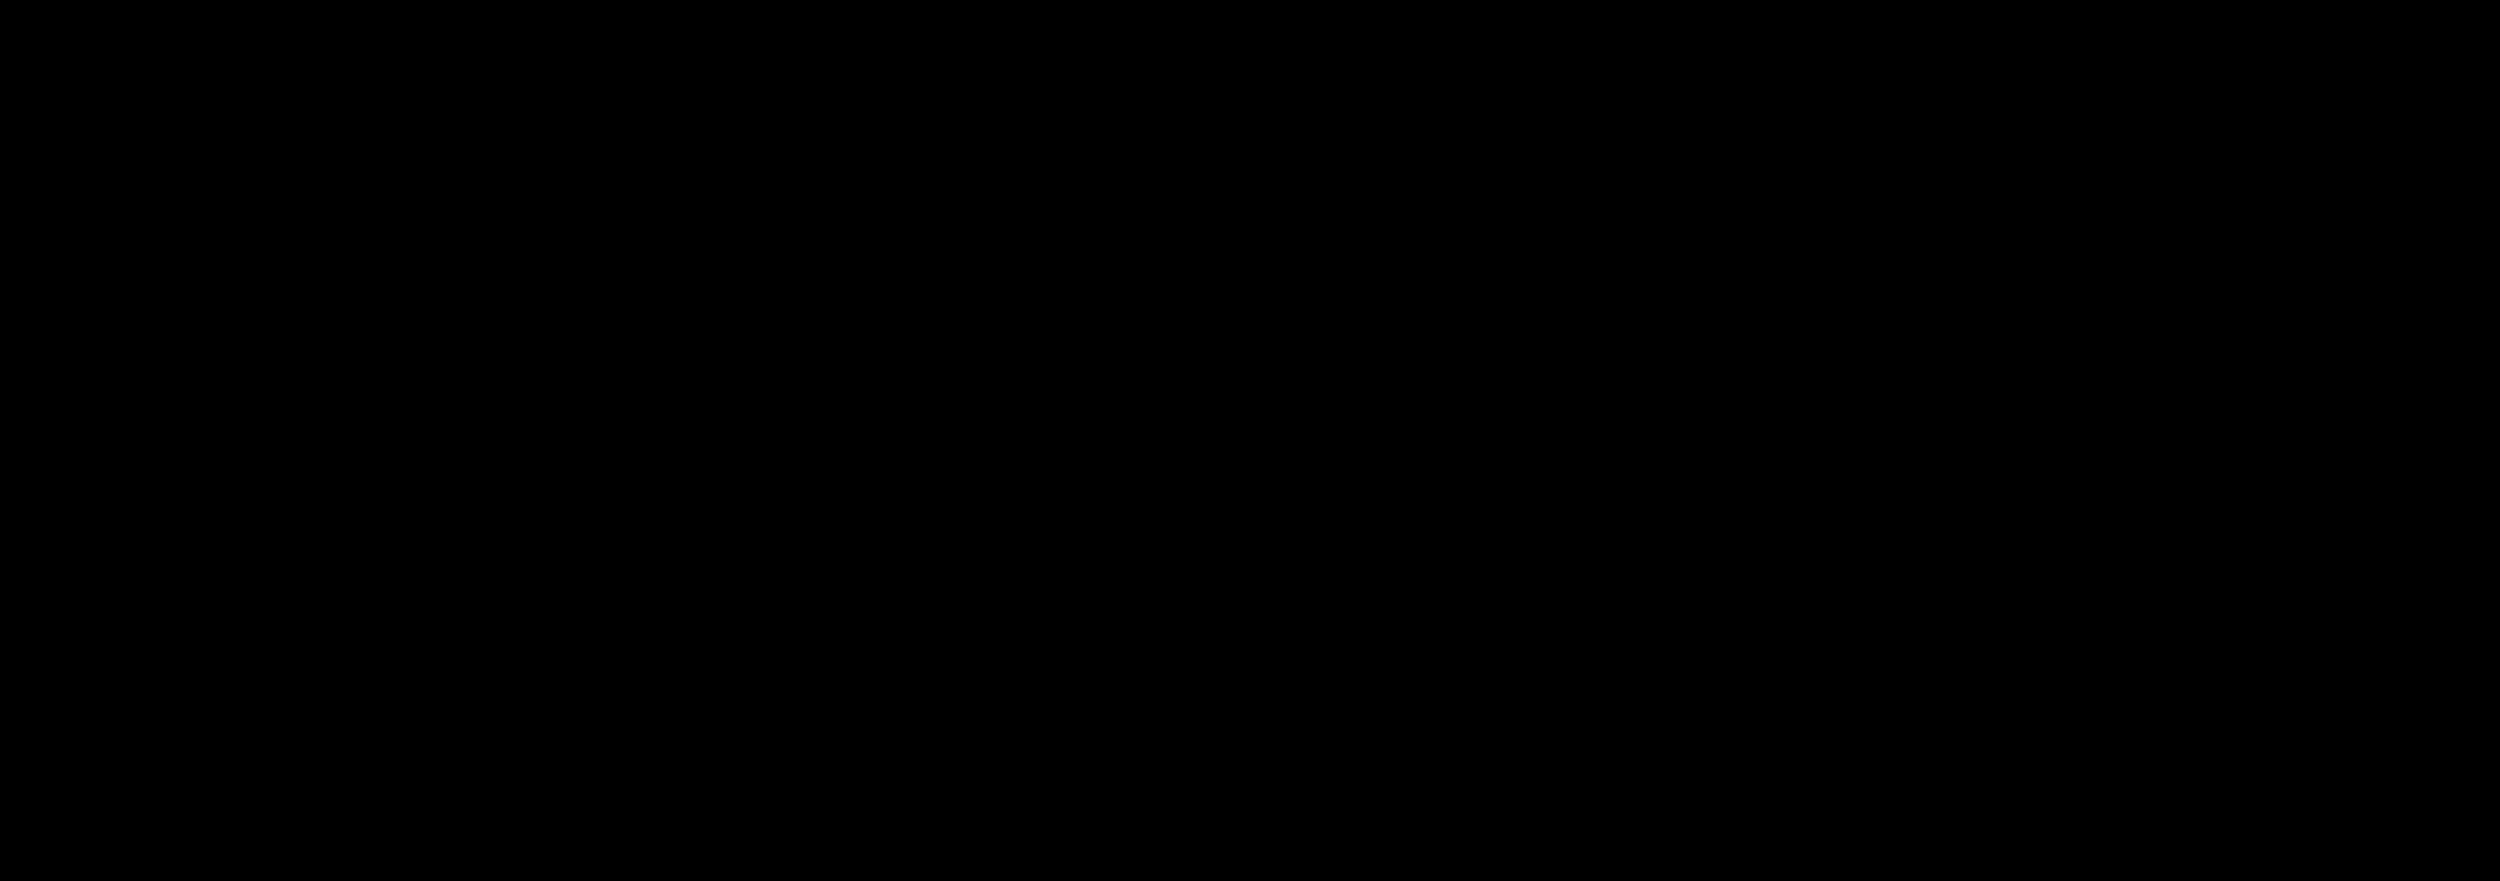 Final Logo Variations